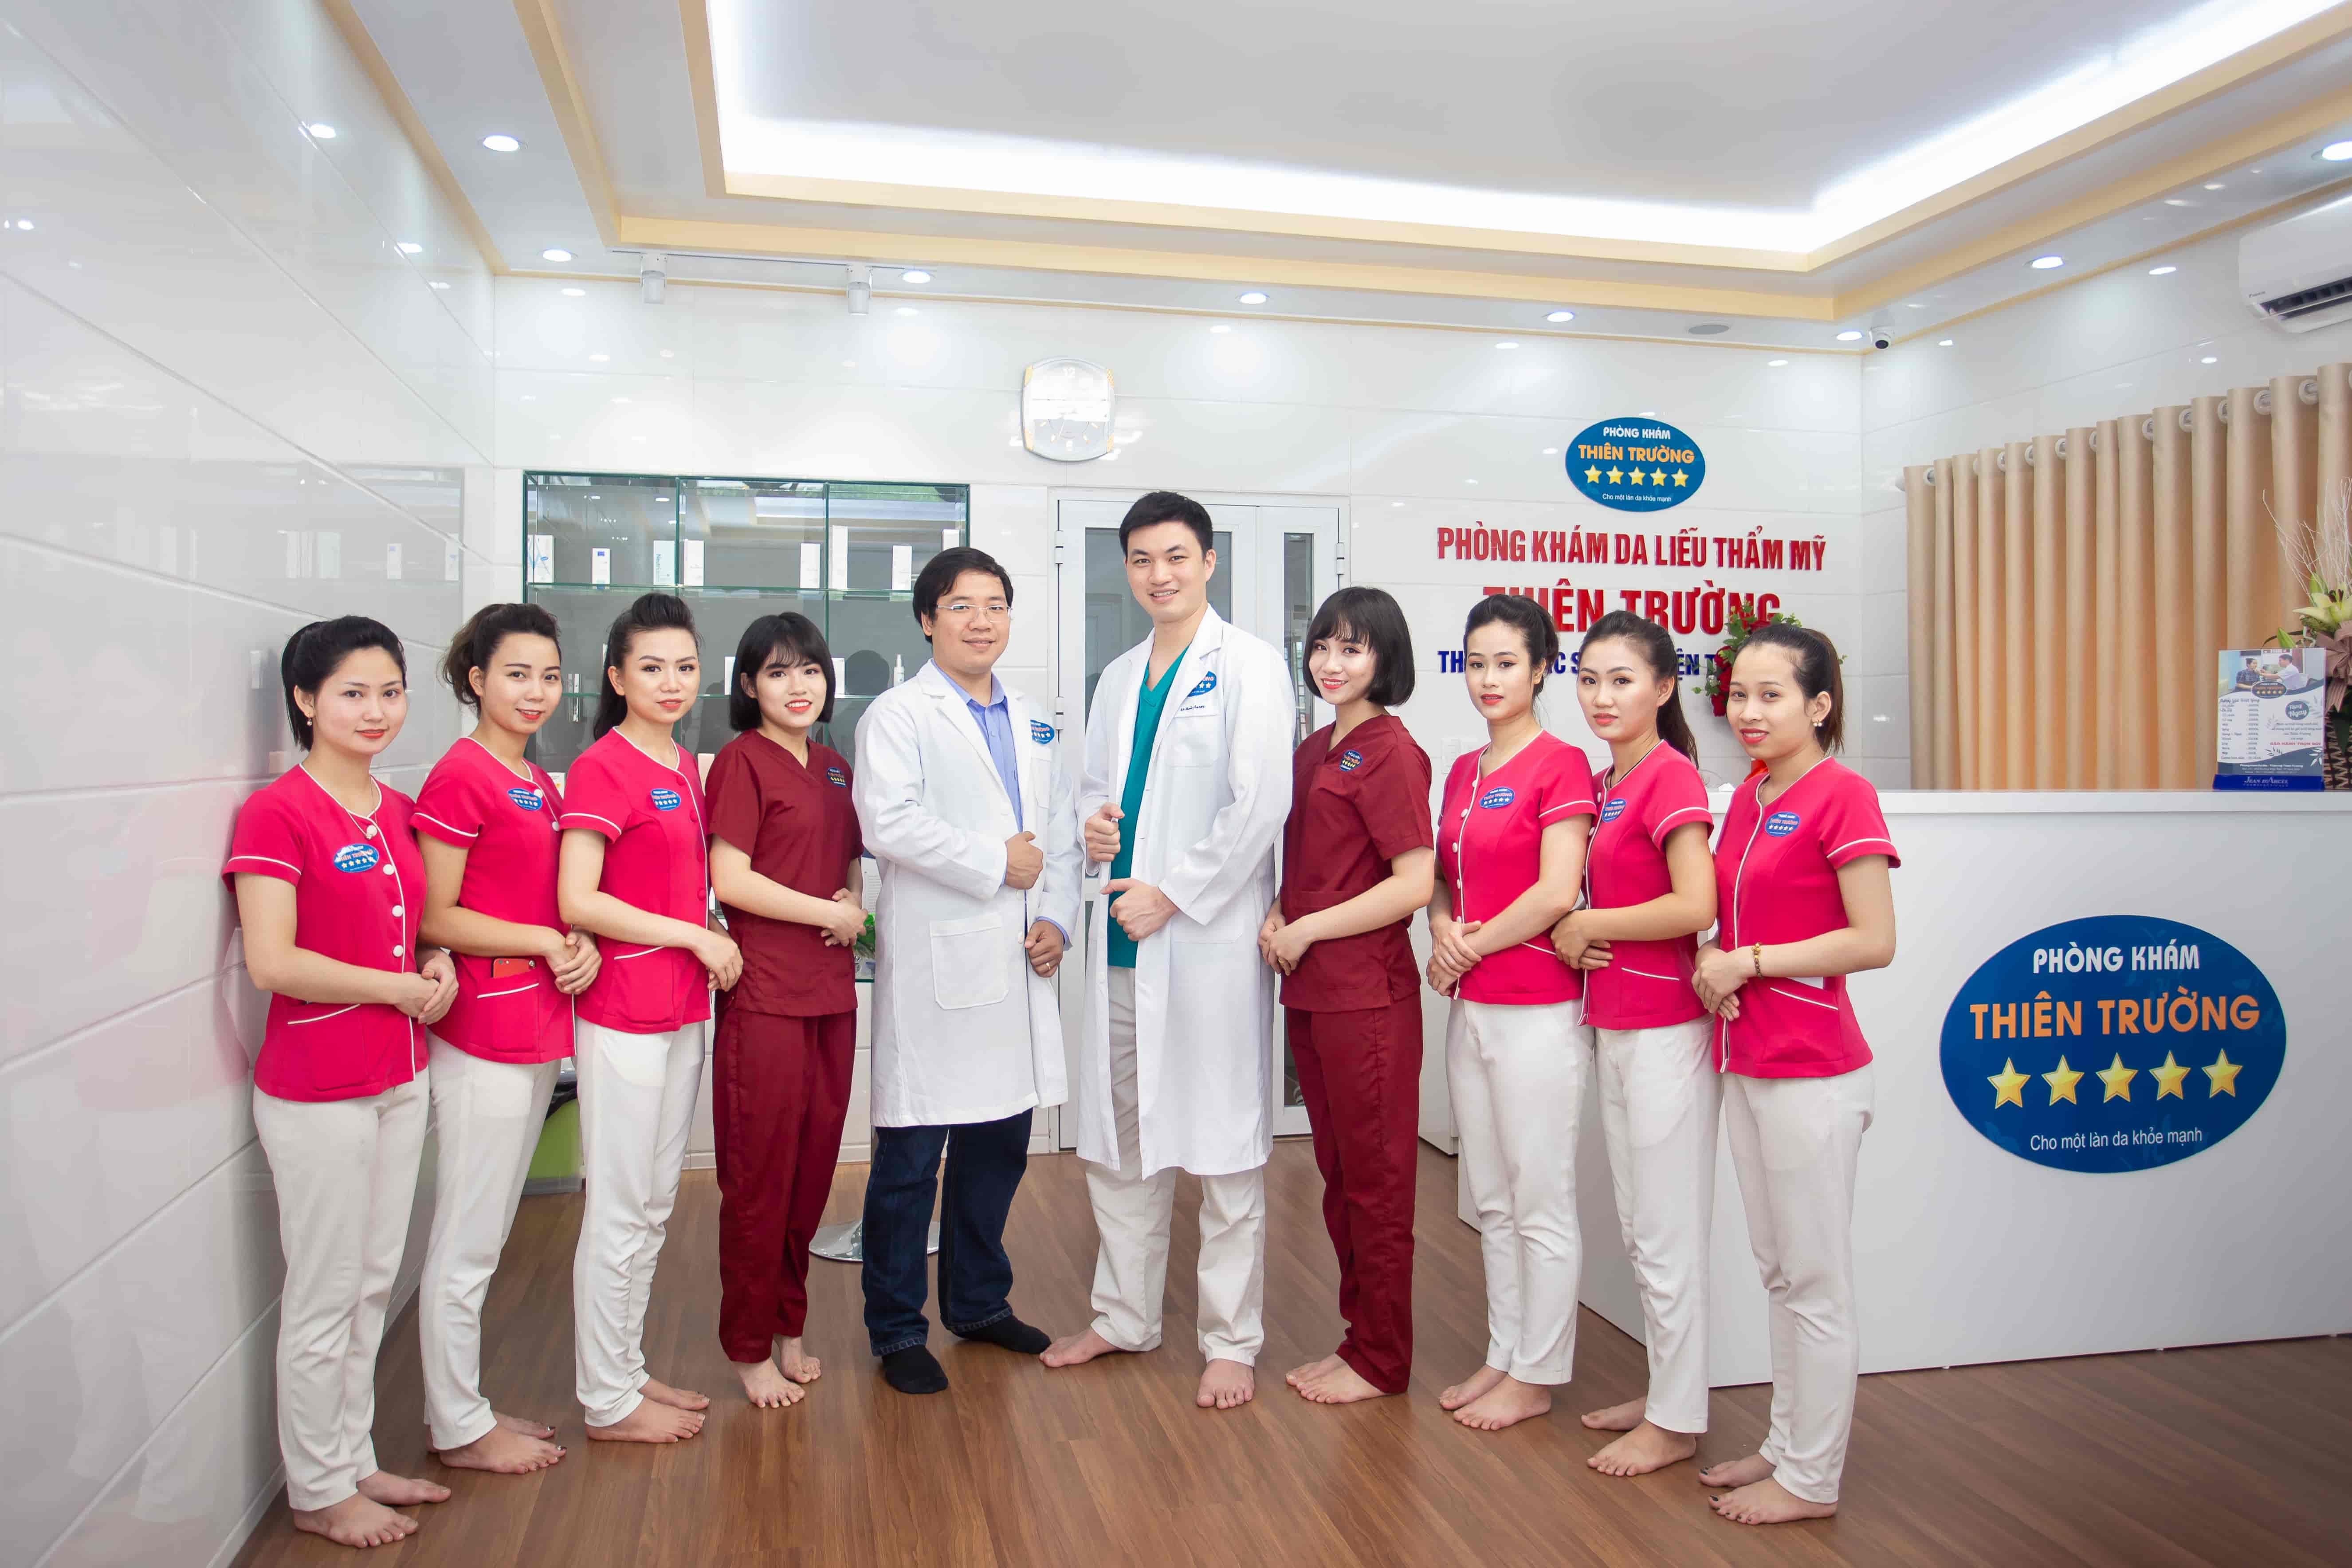 Hình ảnh: Đội ngũ y bác sĩ tại Phòng khám da liễu thẩm mỹ Thiên Trường